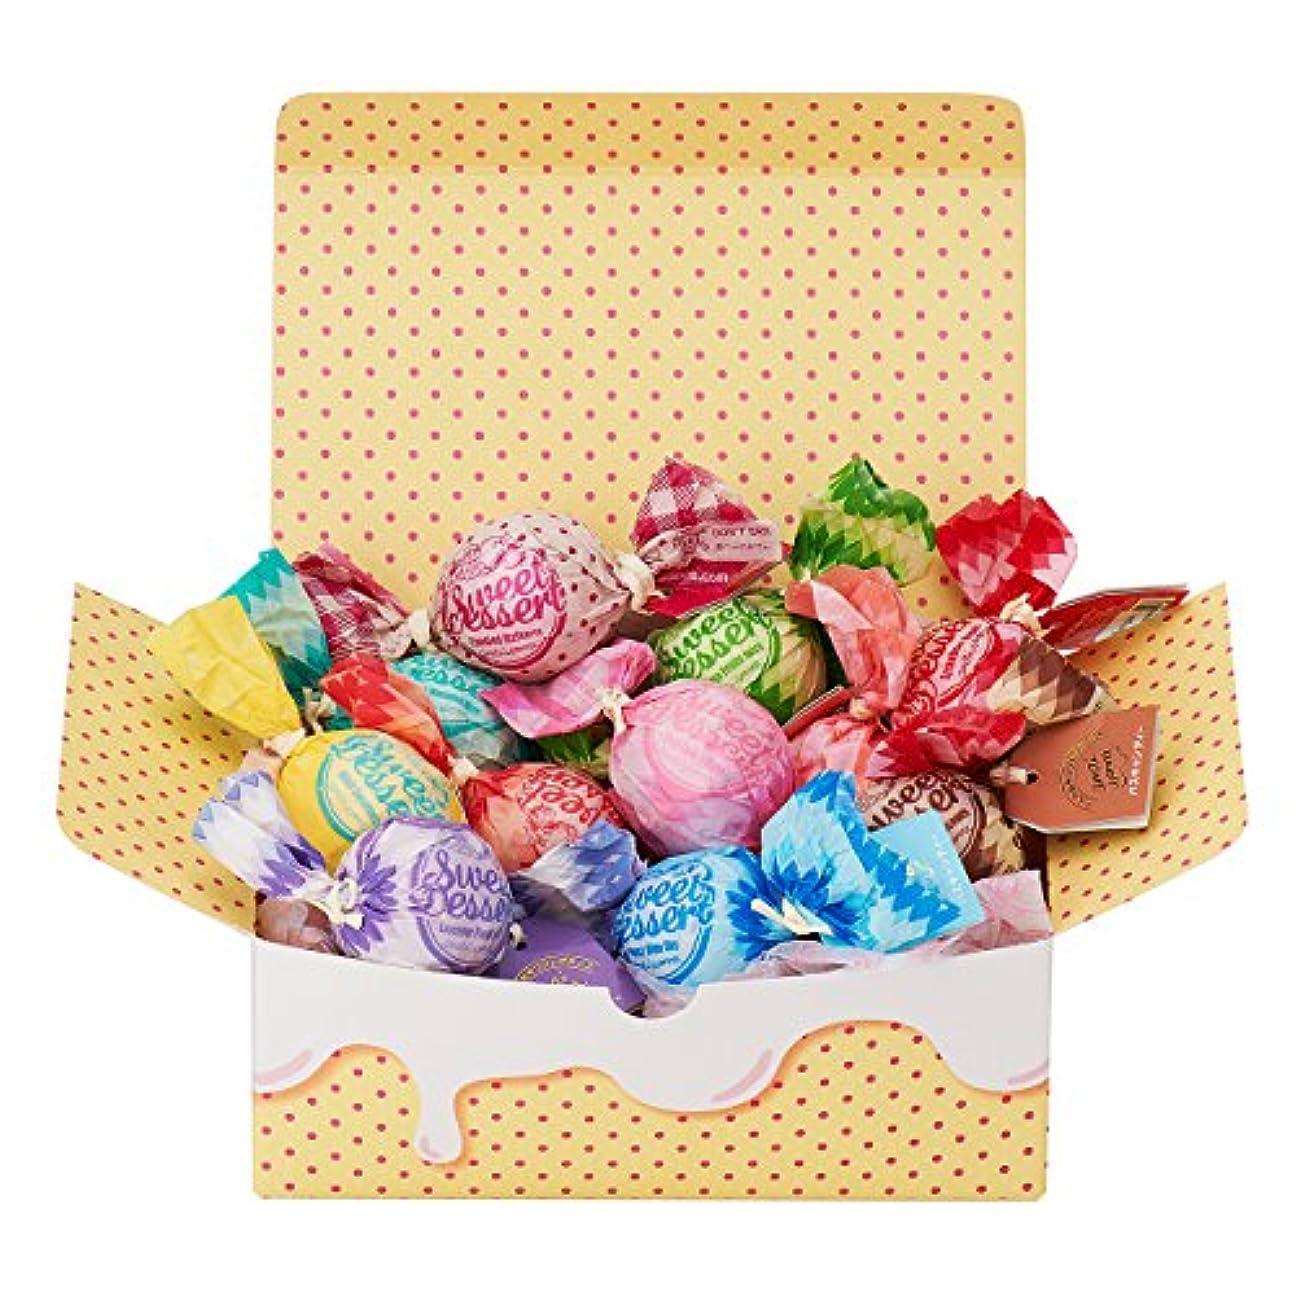 アシュリータファーマンロール安いですアマイワナ 11粒のしあわせ(箱入りバスギフト キャンディー型入浴料×11個)